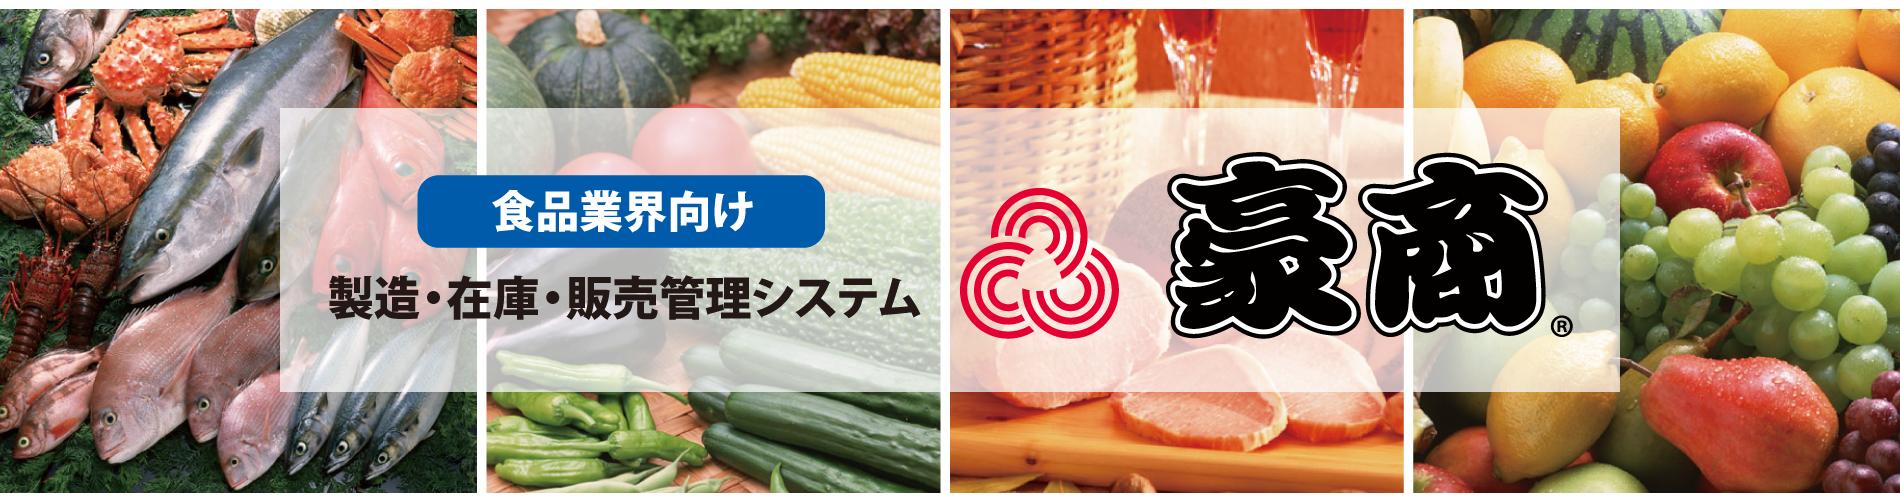 食品メーカー様向け製造・在庫・販売管理システム豪商